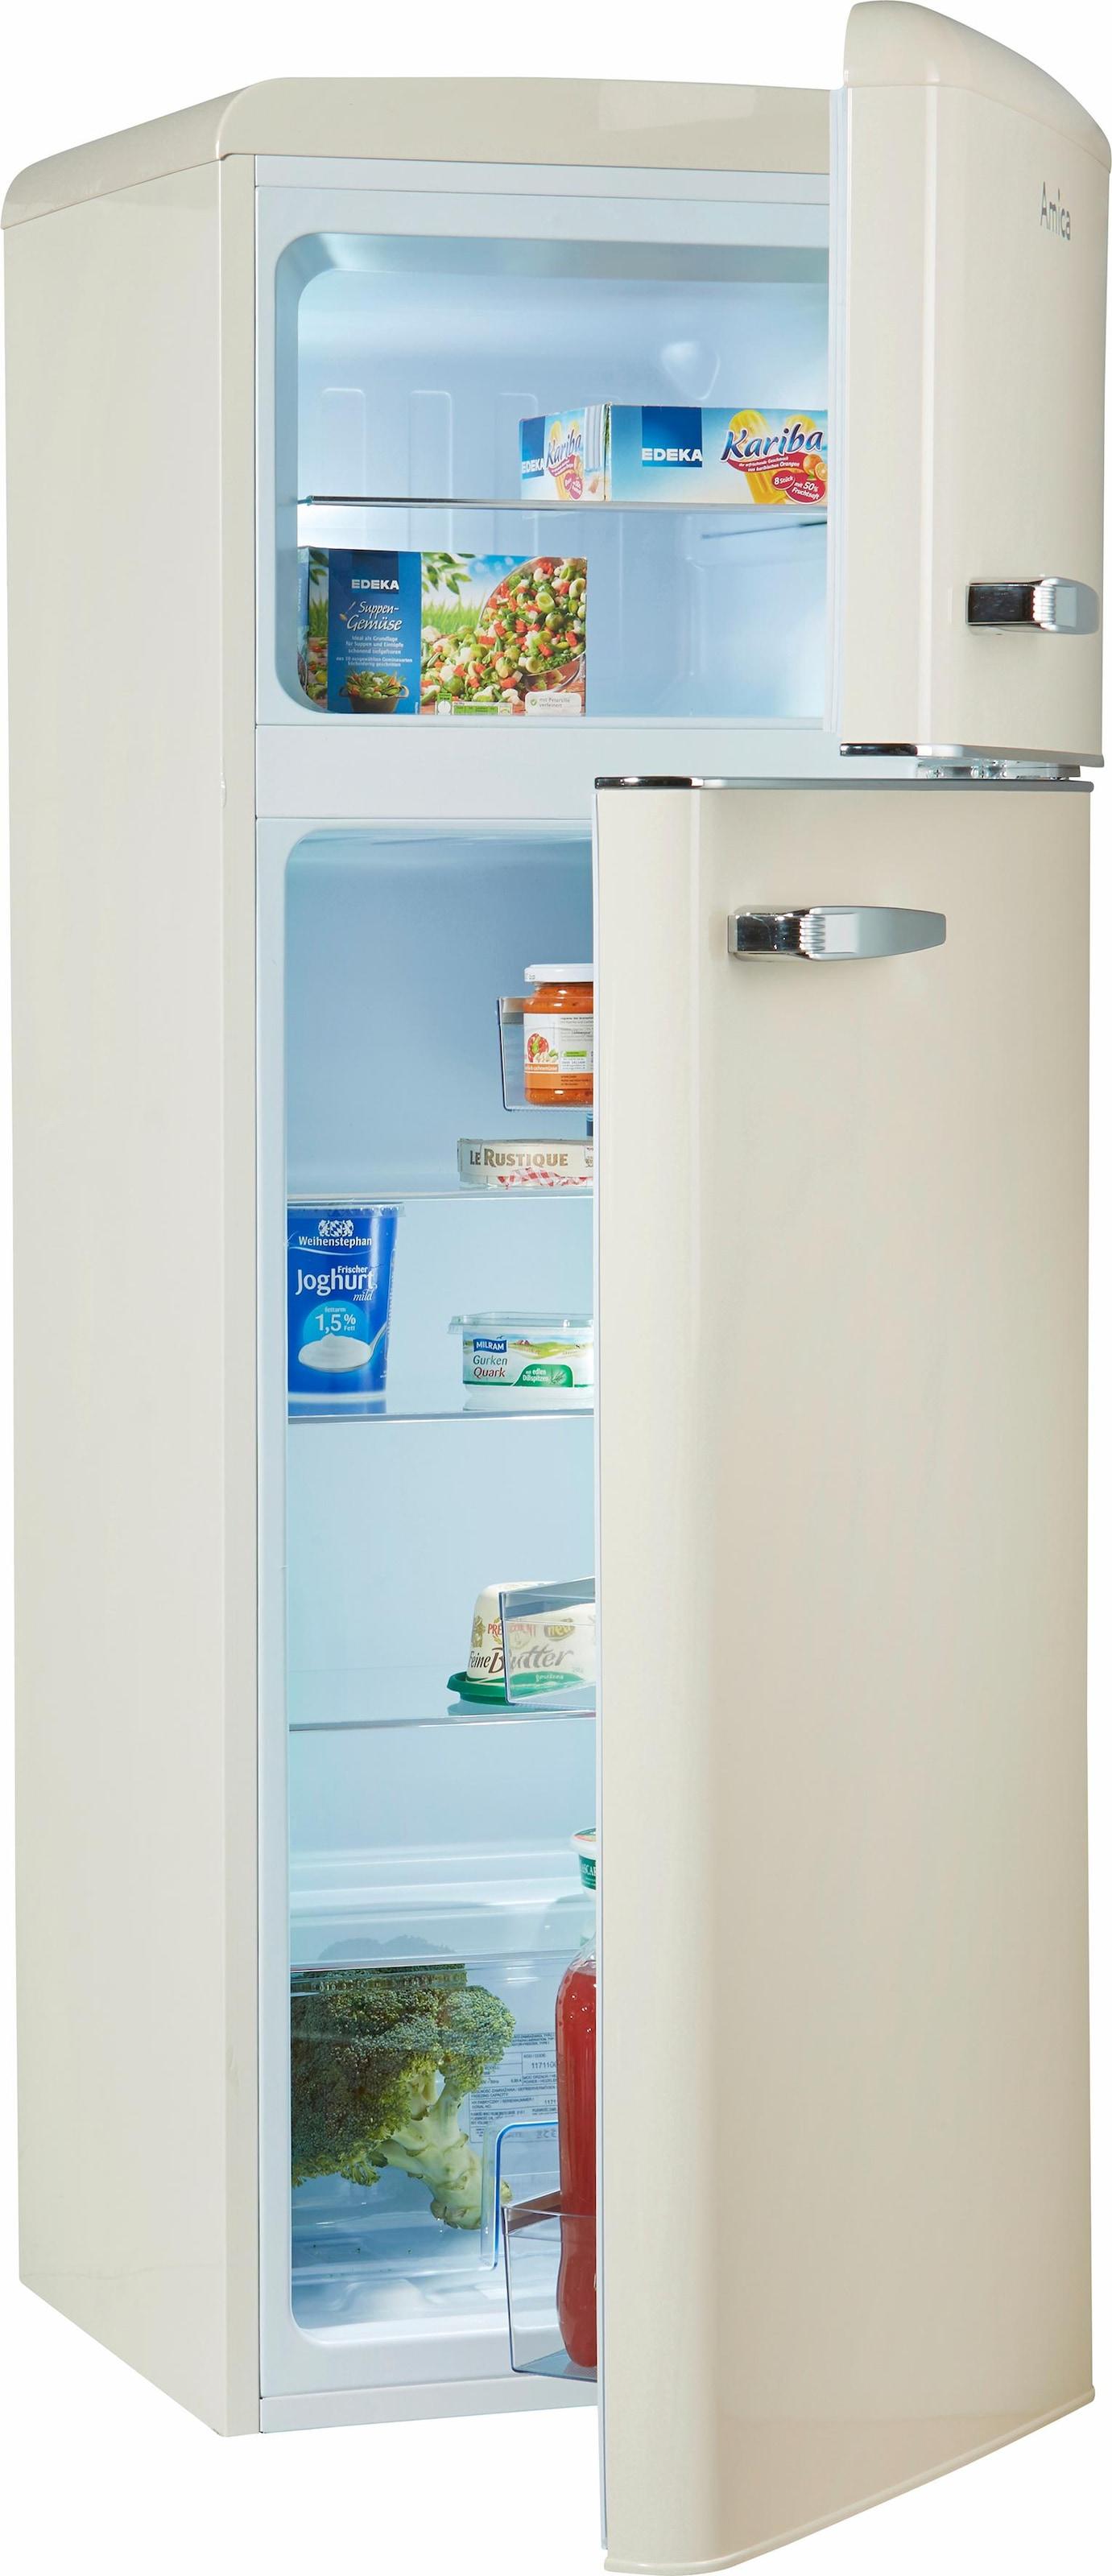 Retro Kühlschrank Wolkenstein : Retro kühlschränke auf rechnung raten kaufen baur